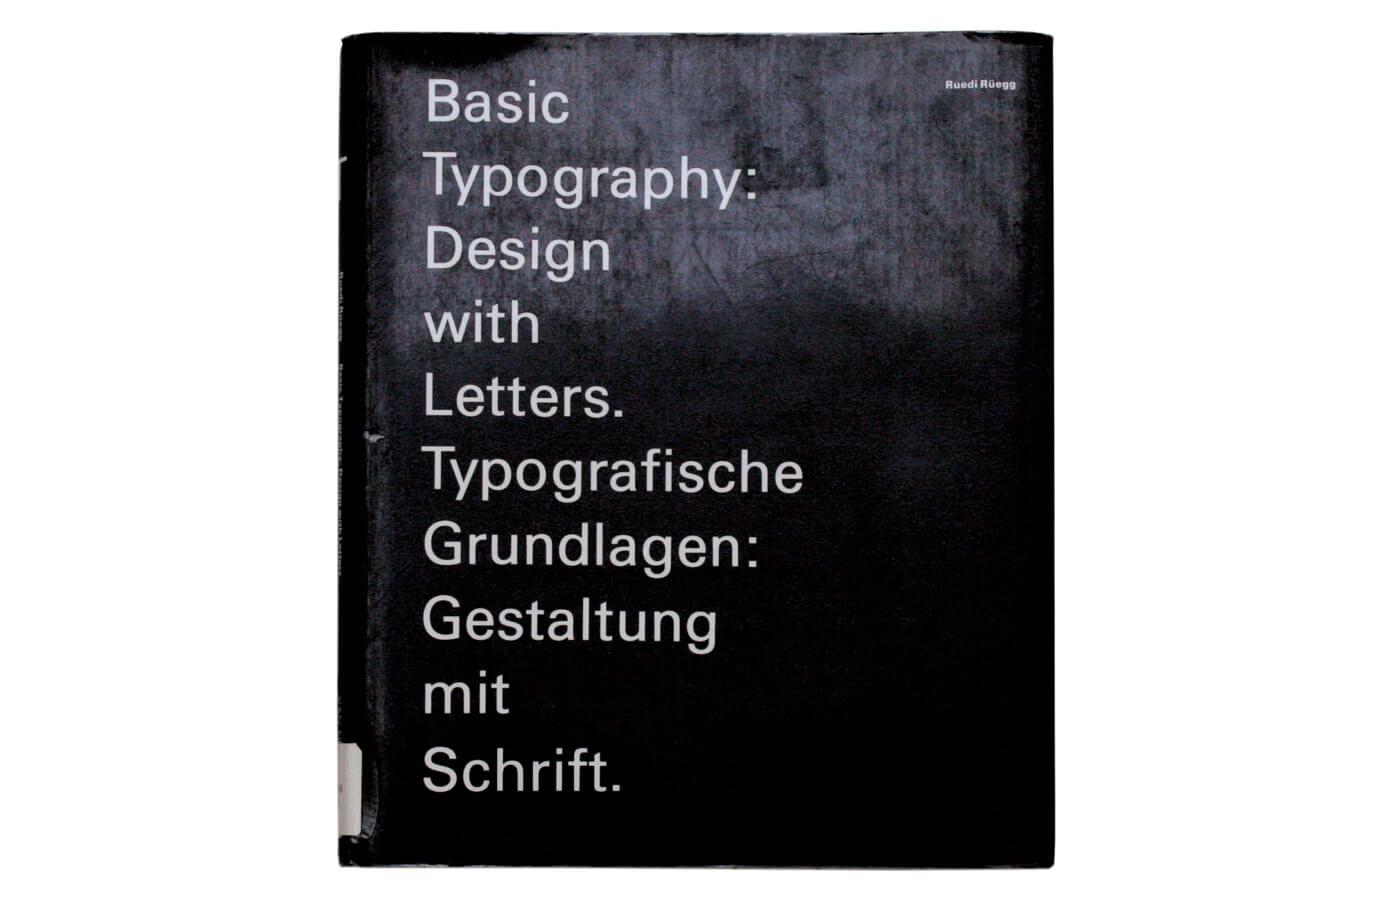 Basic Typography: Design with Letters   Typografische Grundlagen: Gestaltung mit Schrift